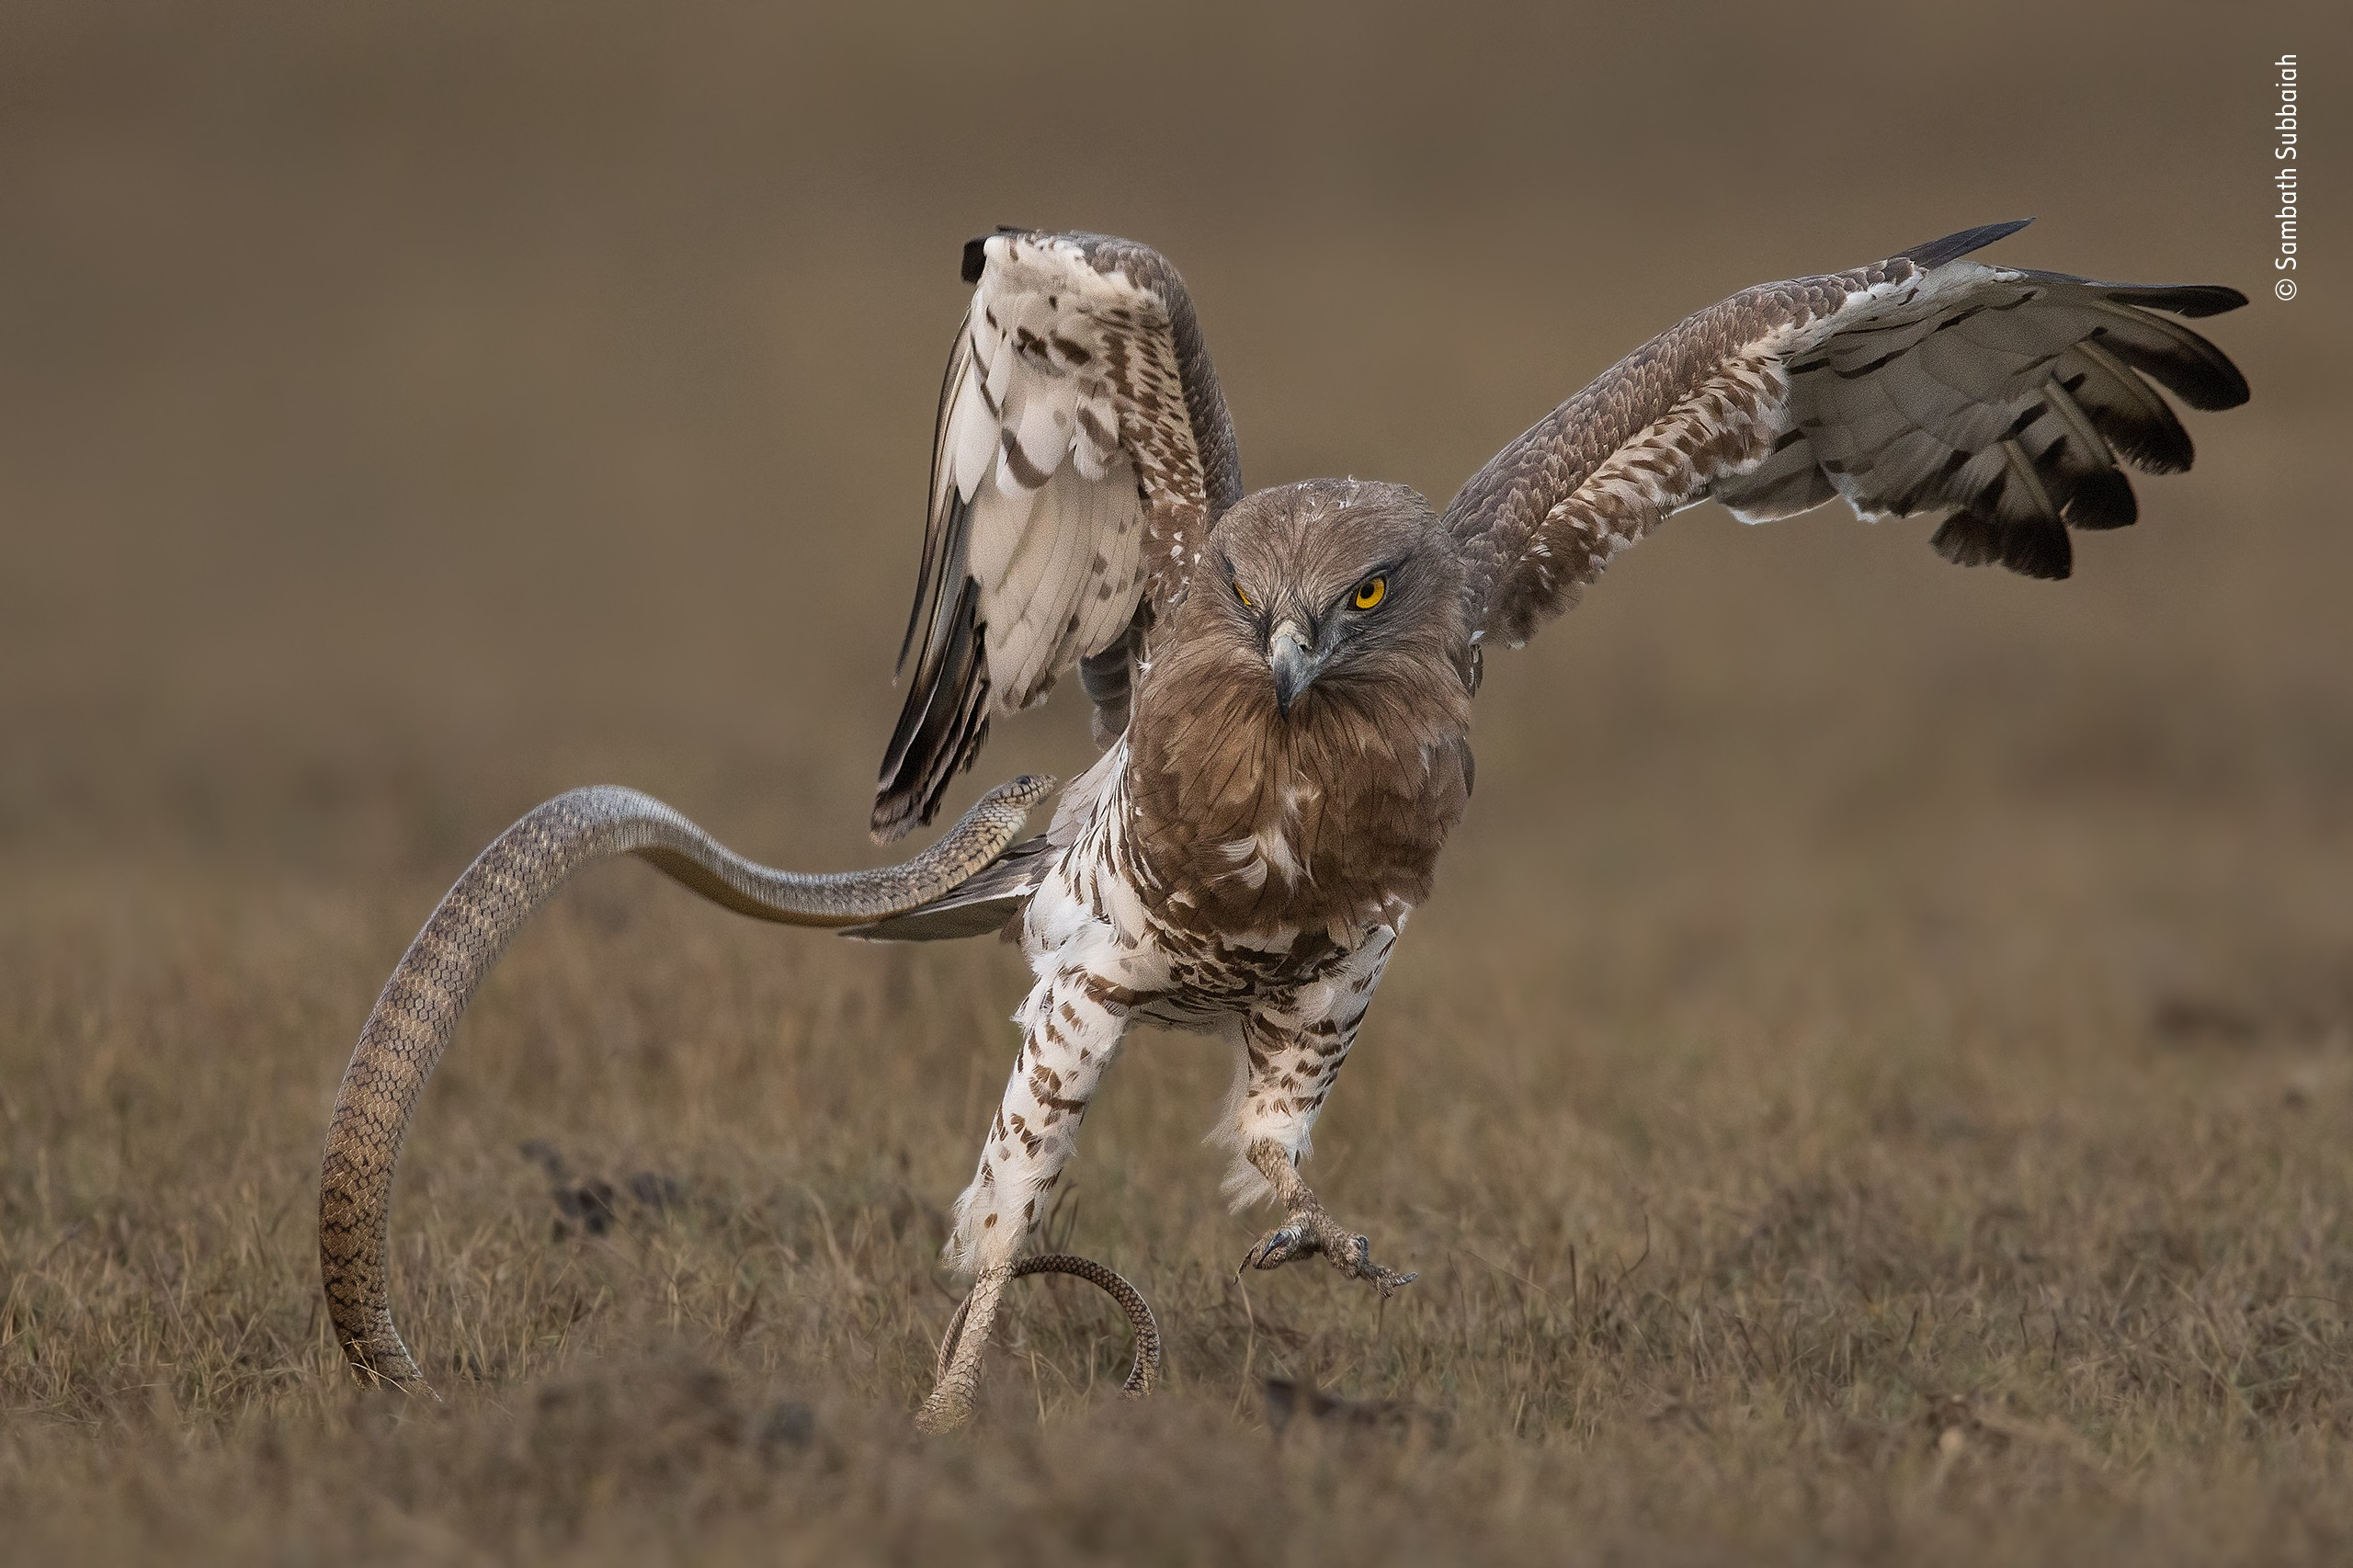 «Поведение: Птицы», 2020. Орёл-змееяд и индийская крысиная змея. Автор Самбат Суббаия